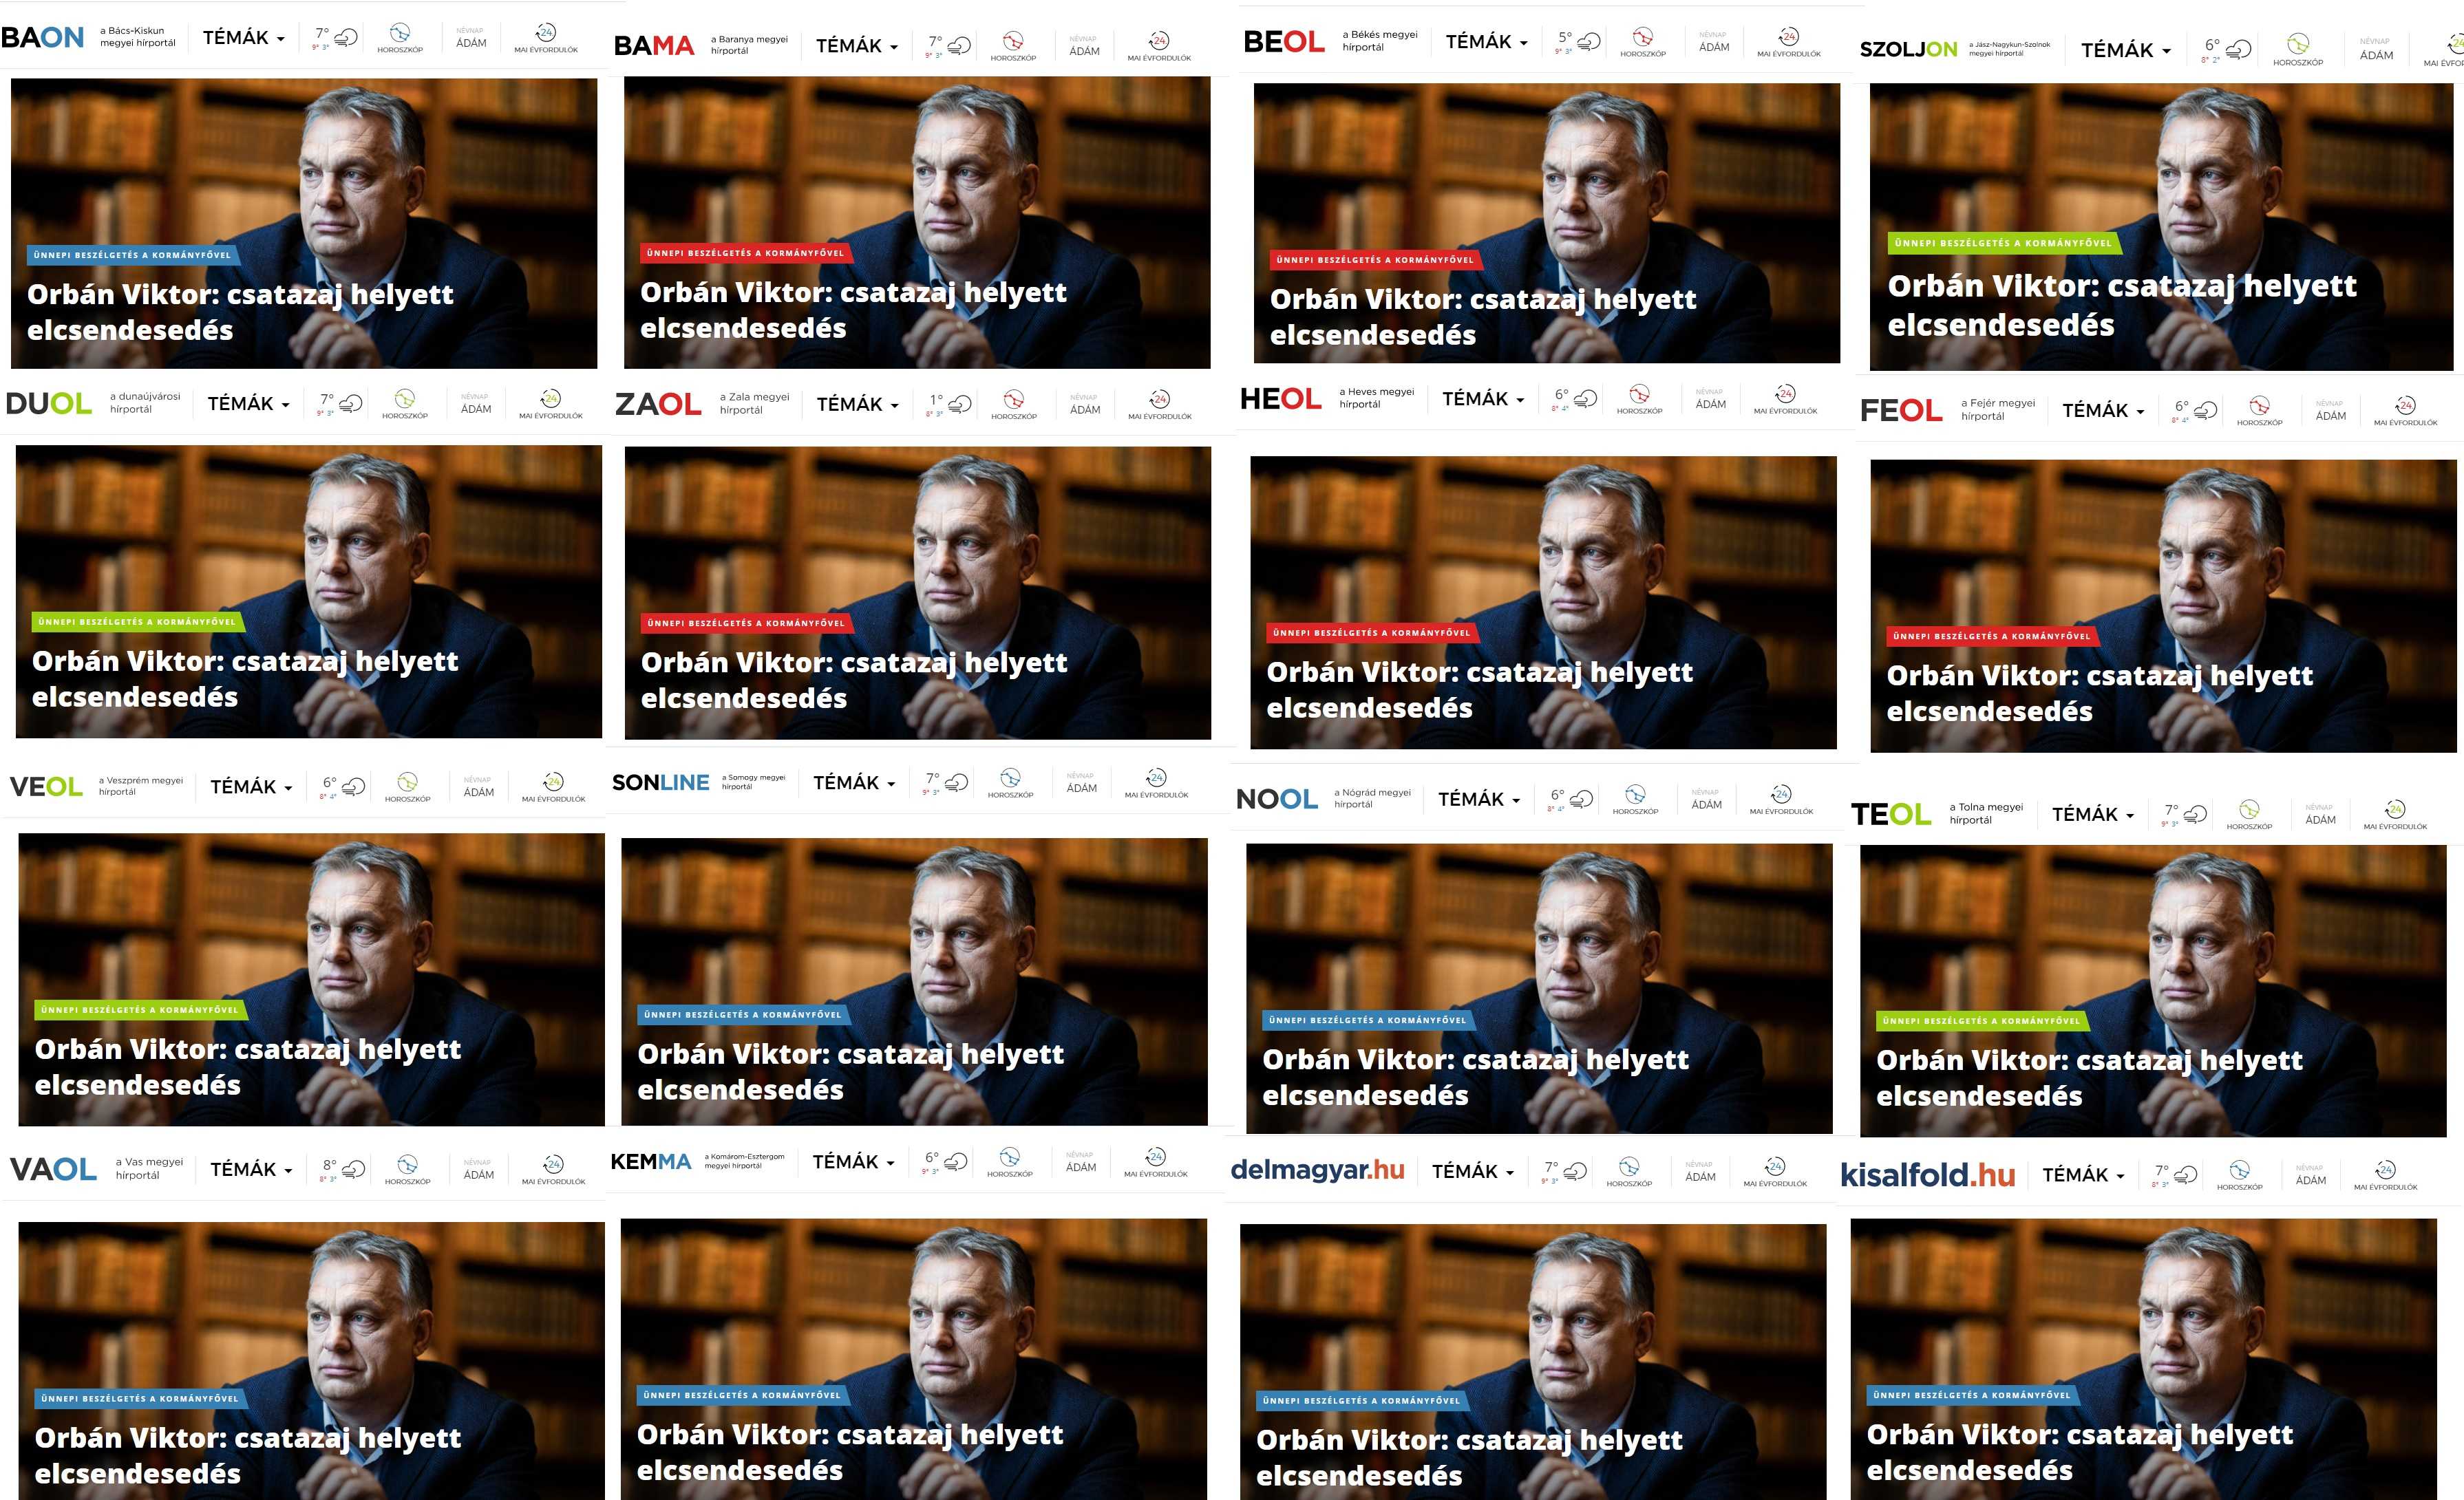 Orbán Viktor kormányhatározatba foglalta, hogy Magyarországon valódi pluralizmus érvényesül a médiában